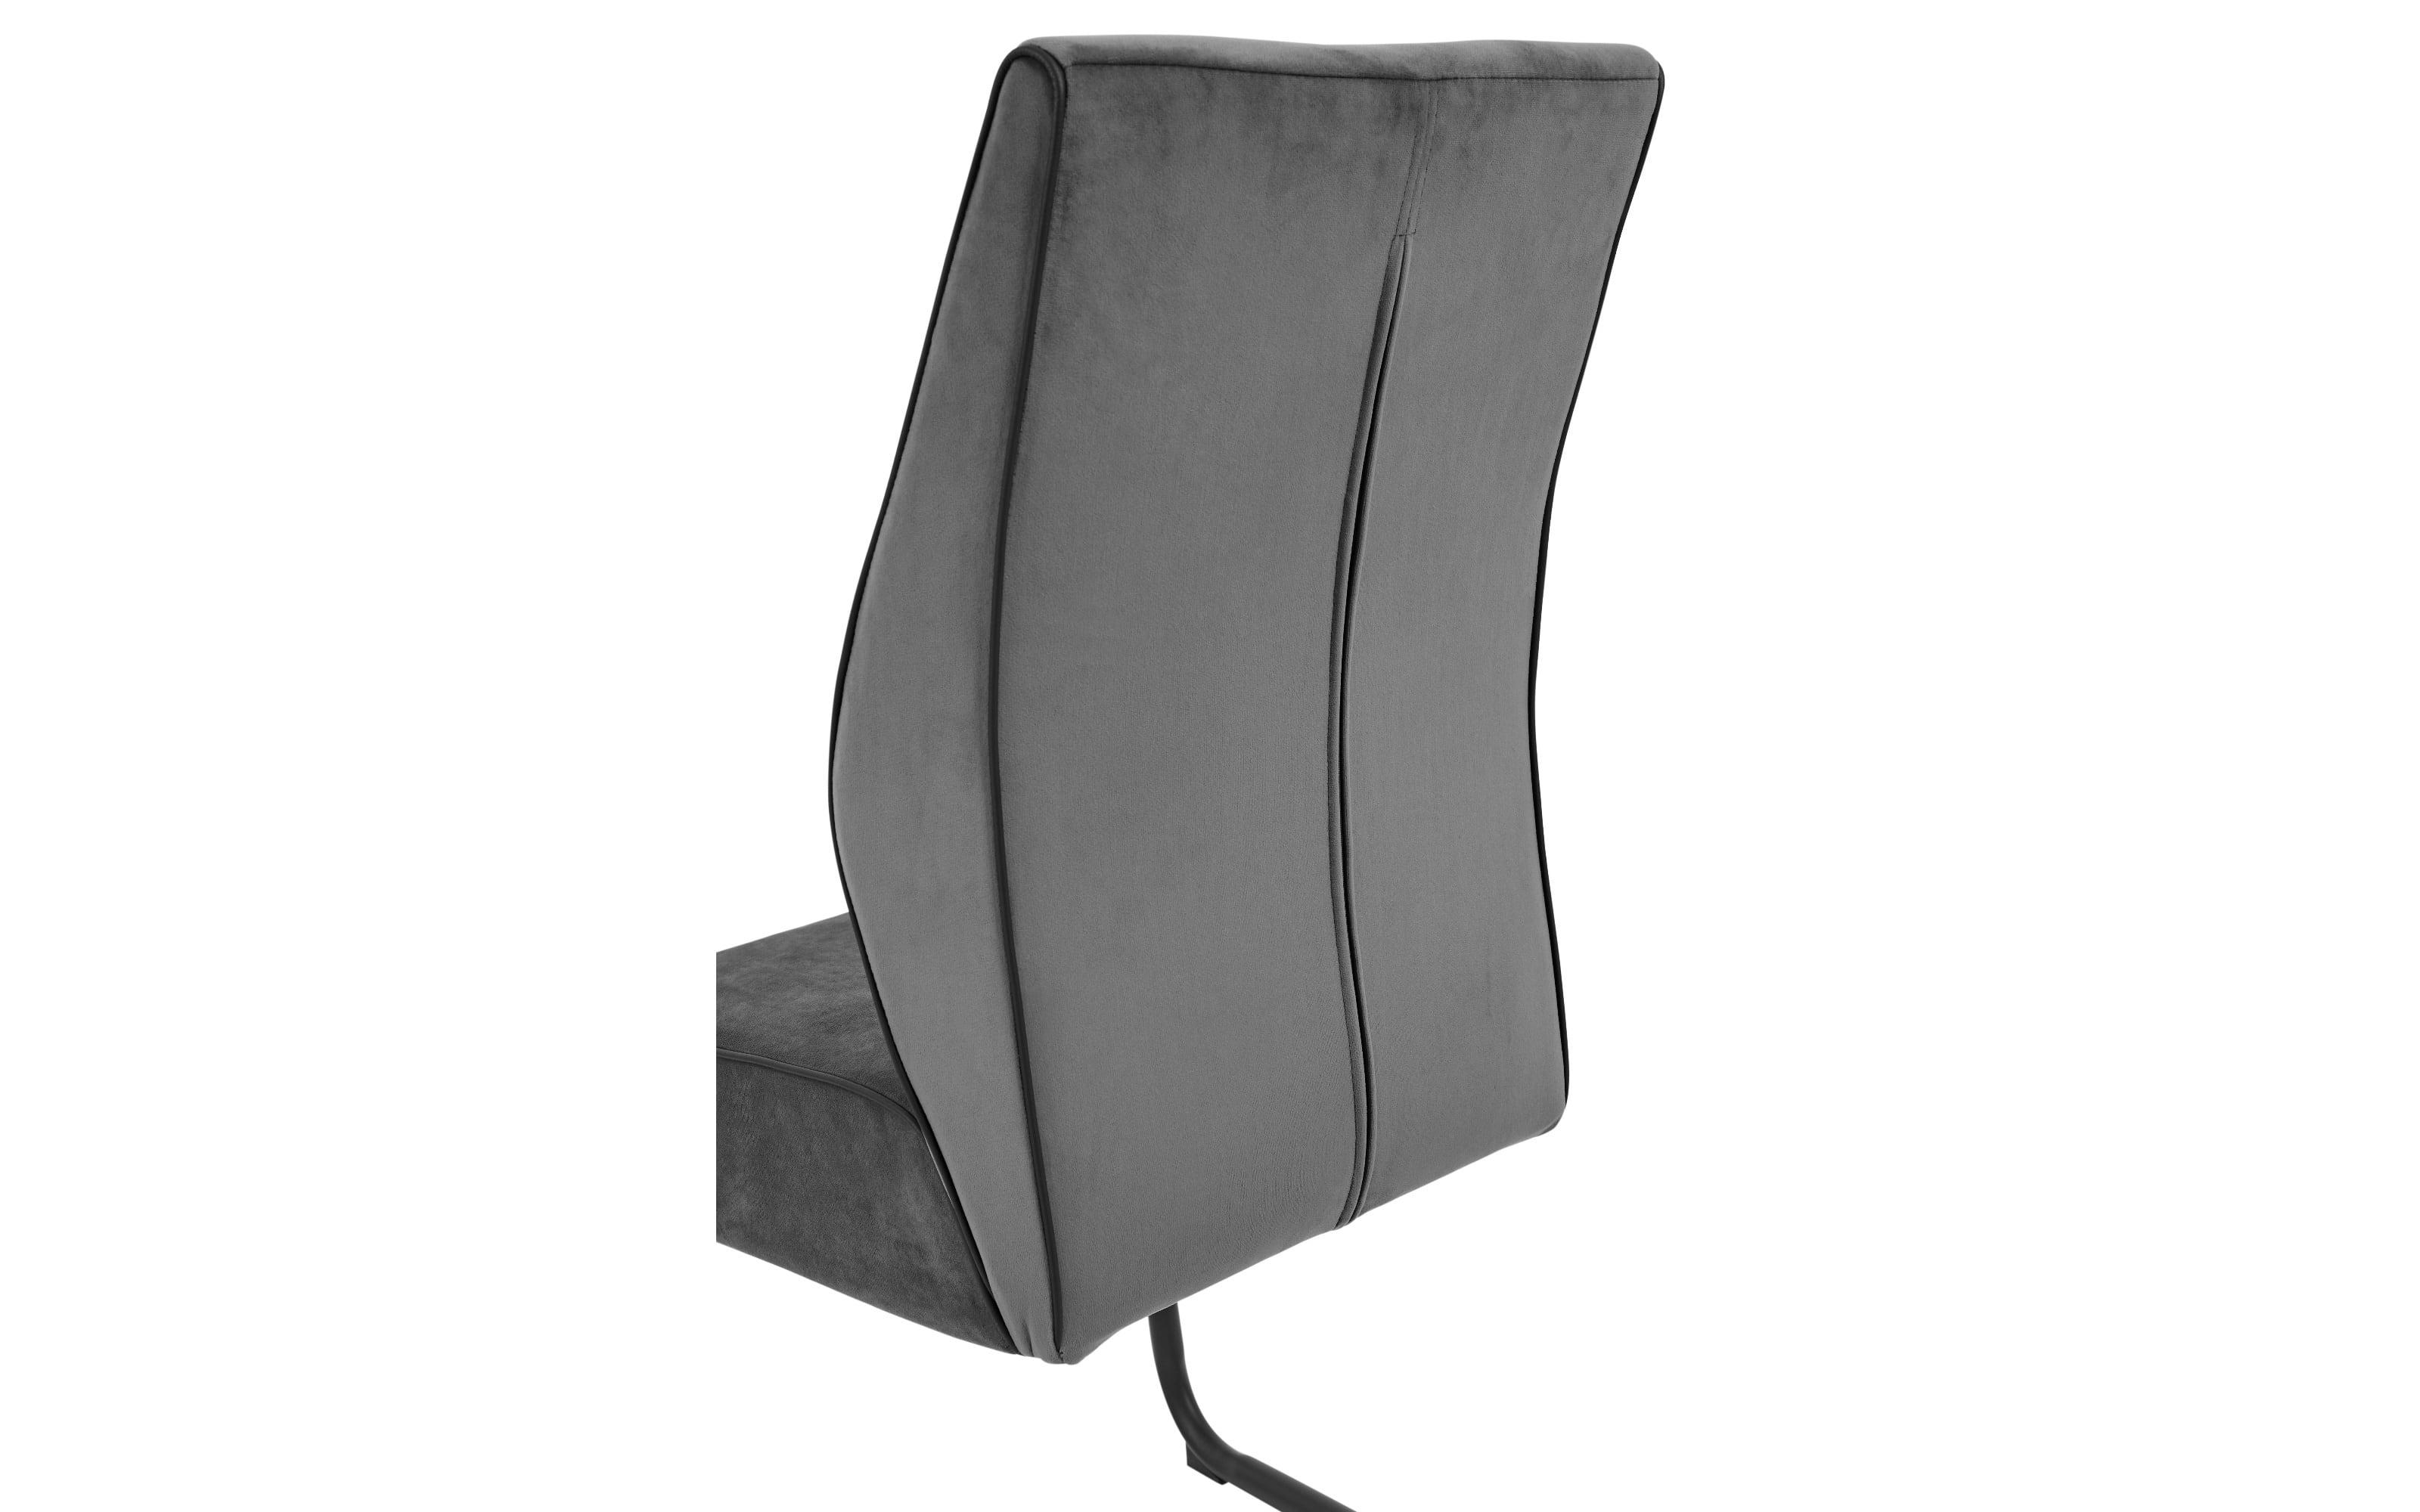 Schwingstuhl Manacor in grau, mit schwarzem Metallgestell